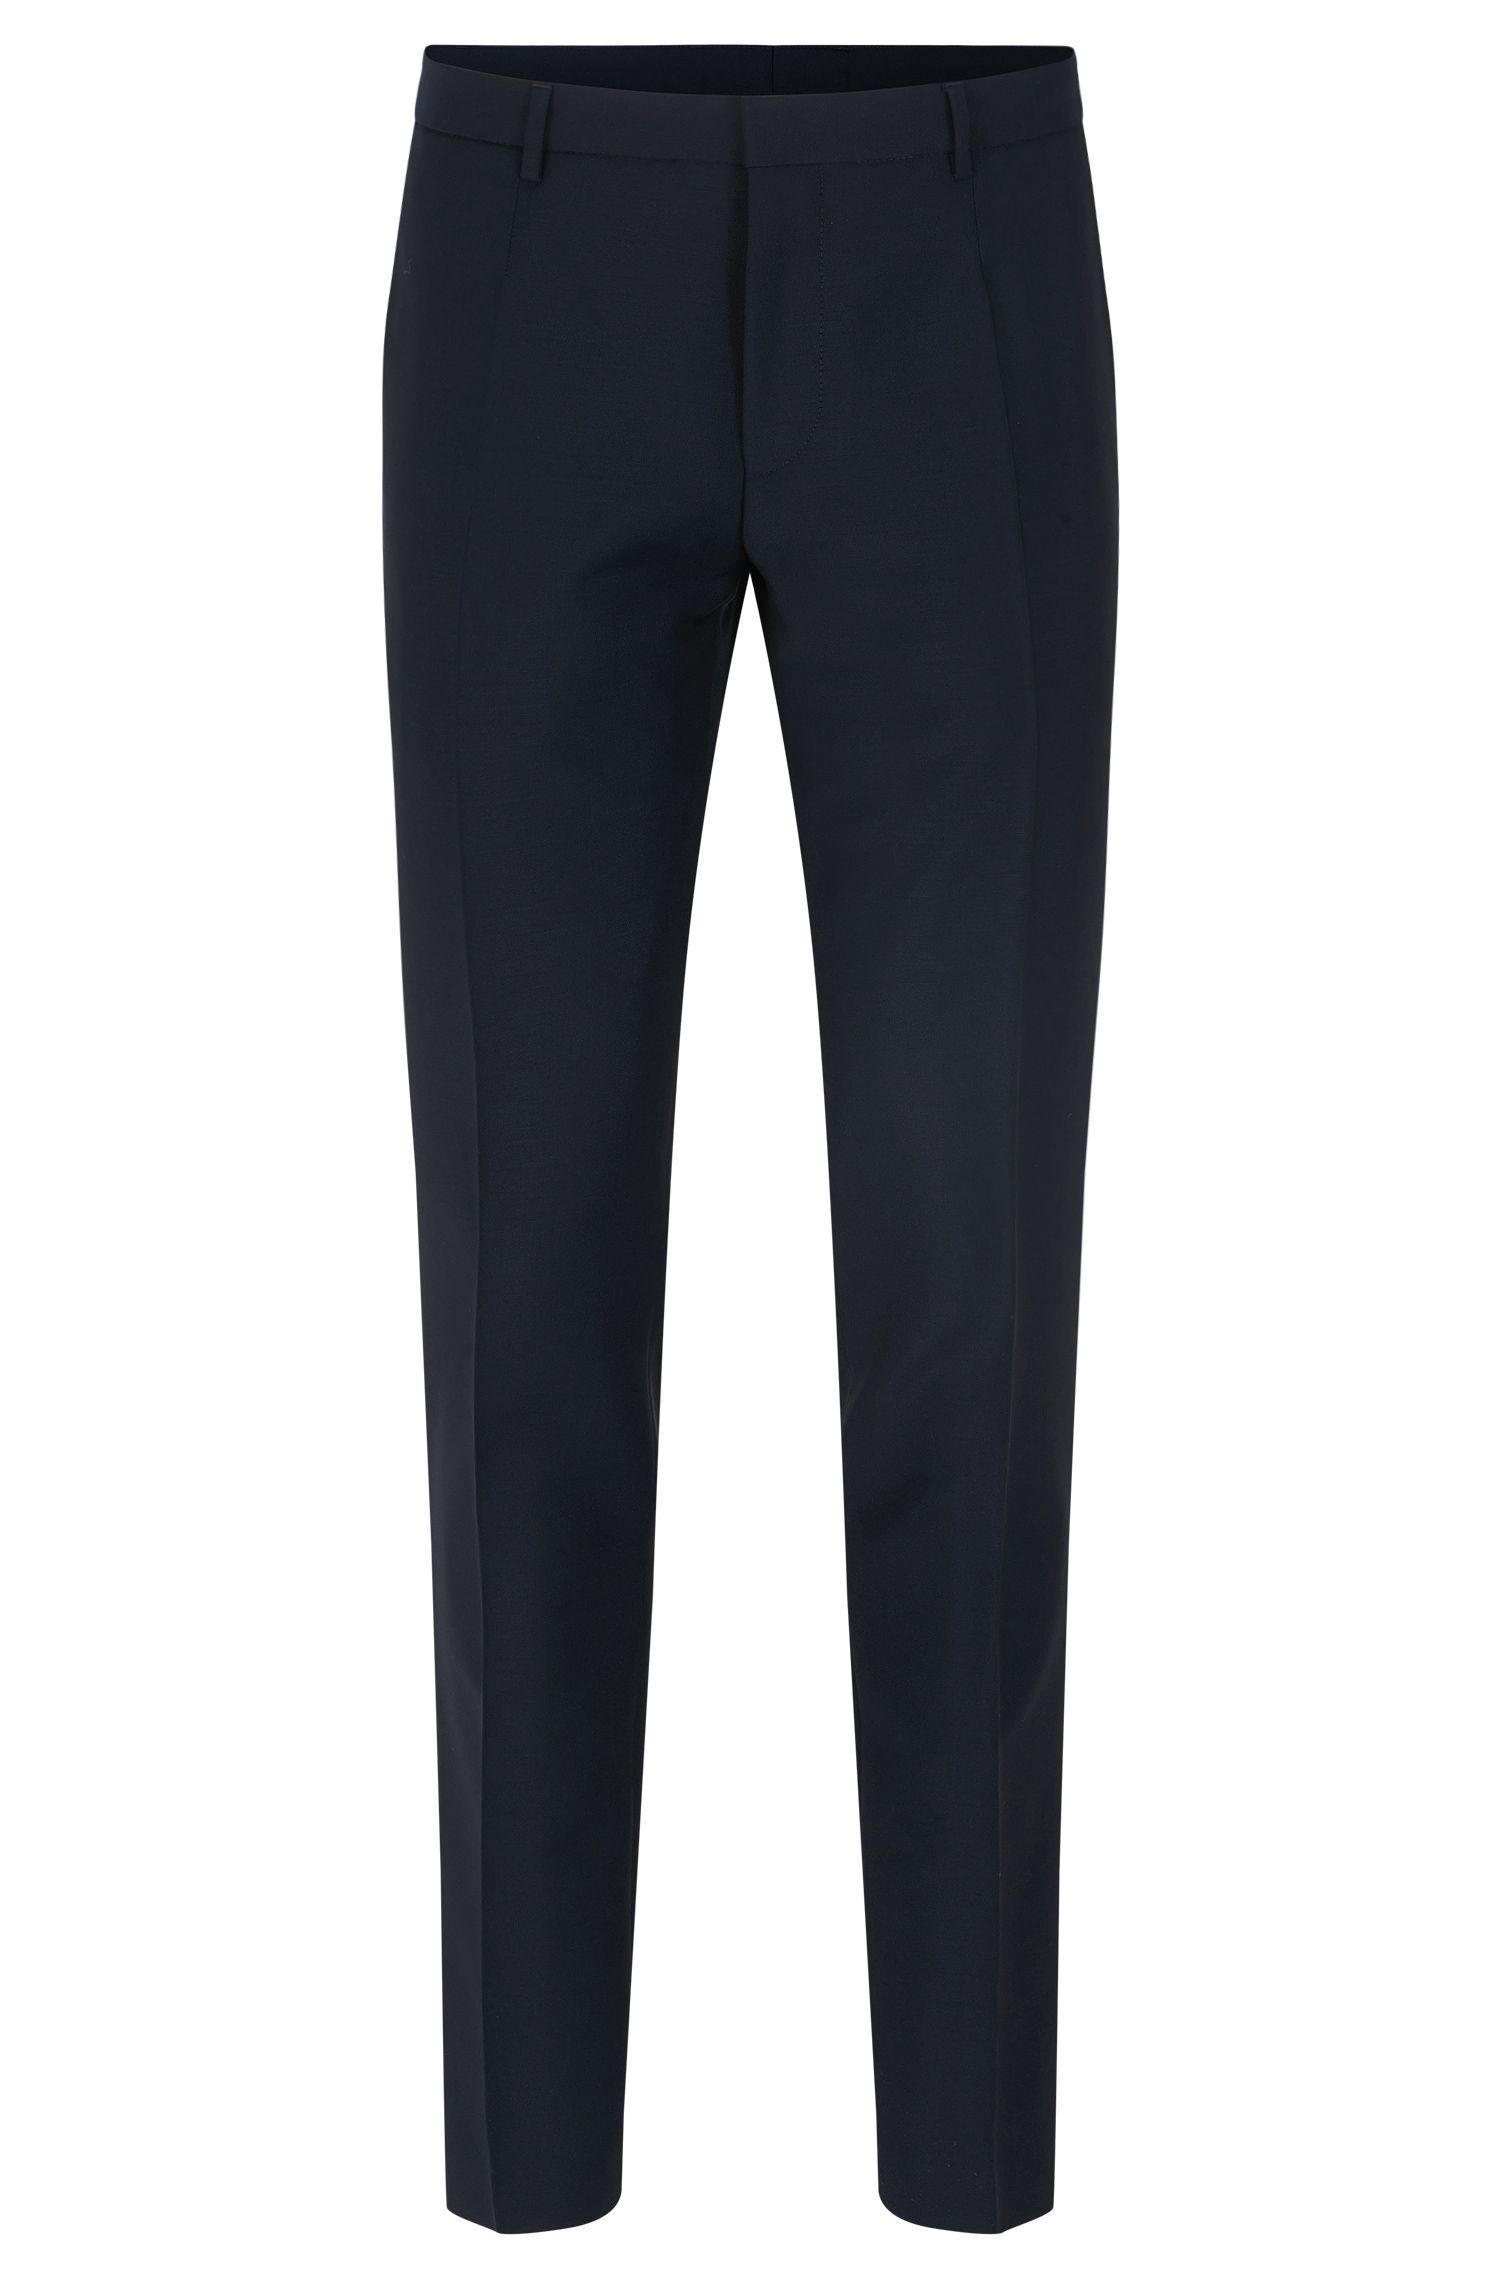 'Weikko' | Extra Slim Fit, Virgin Wool Mohair Pants